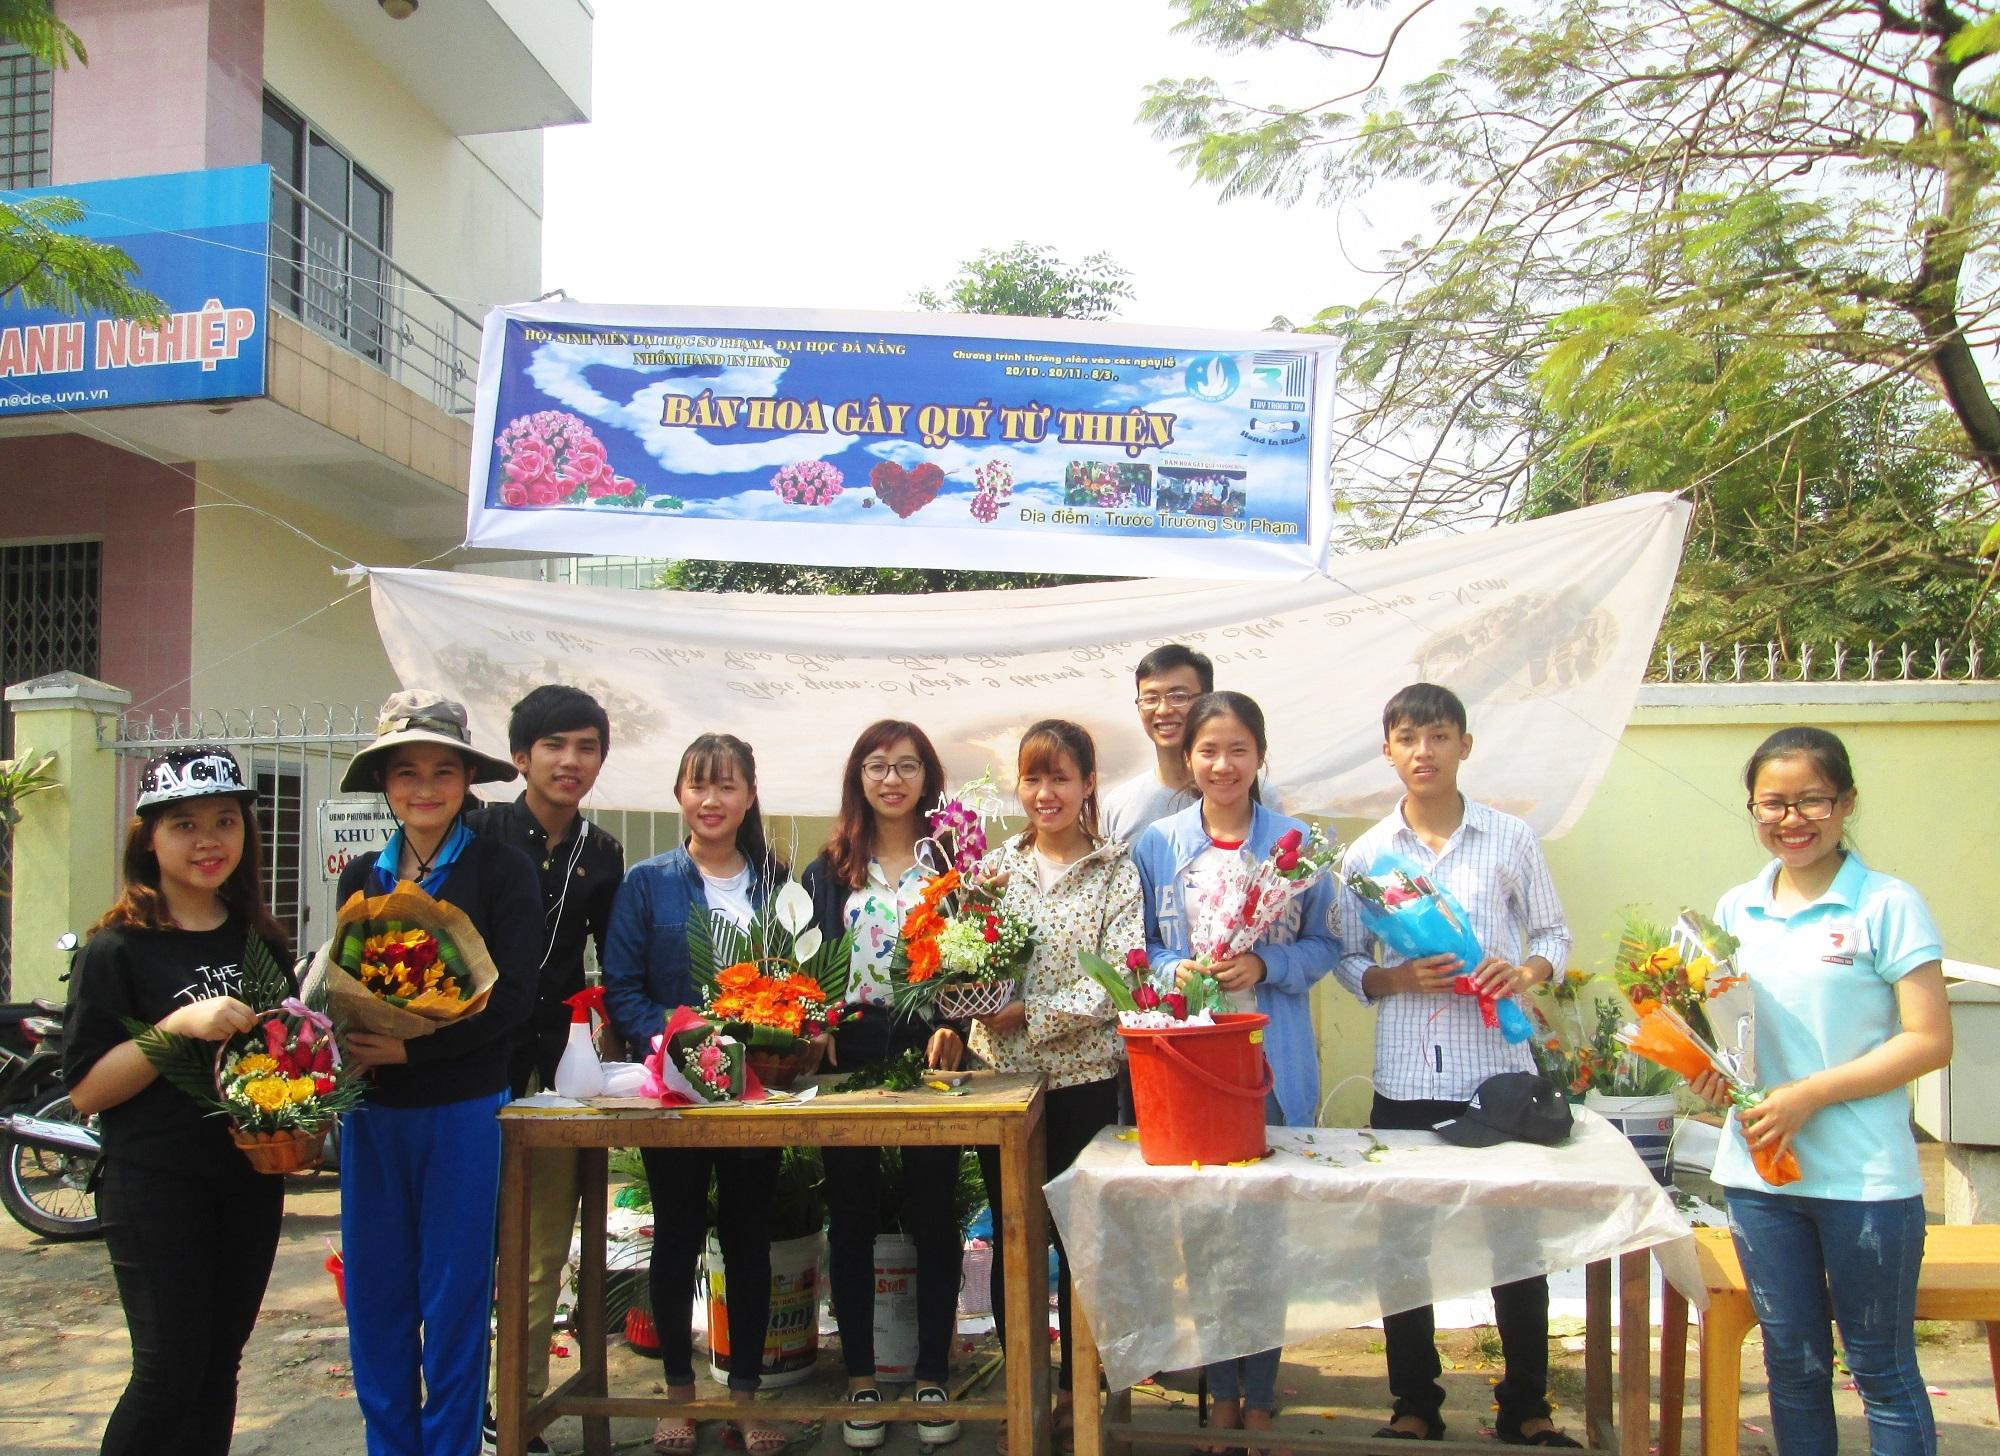 Toàn bộ số tiền kiếm được từ việc bán hoa này sẽ được gây quỹ cho các hoạt động từ thiện.